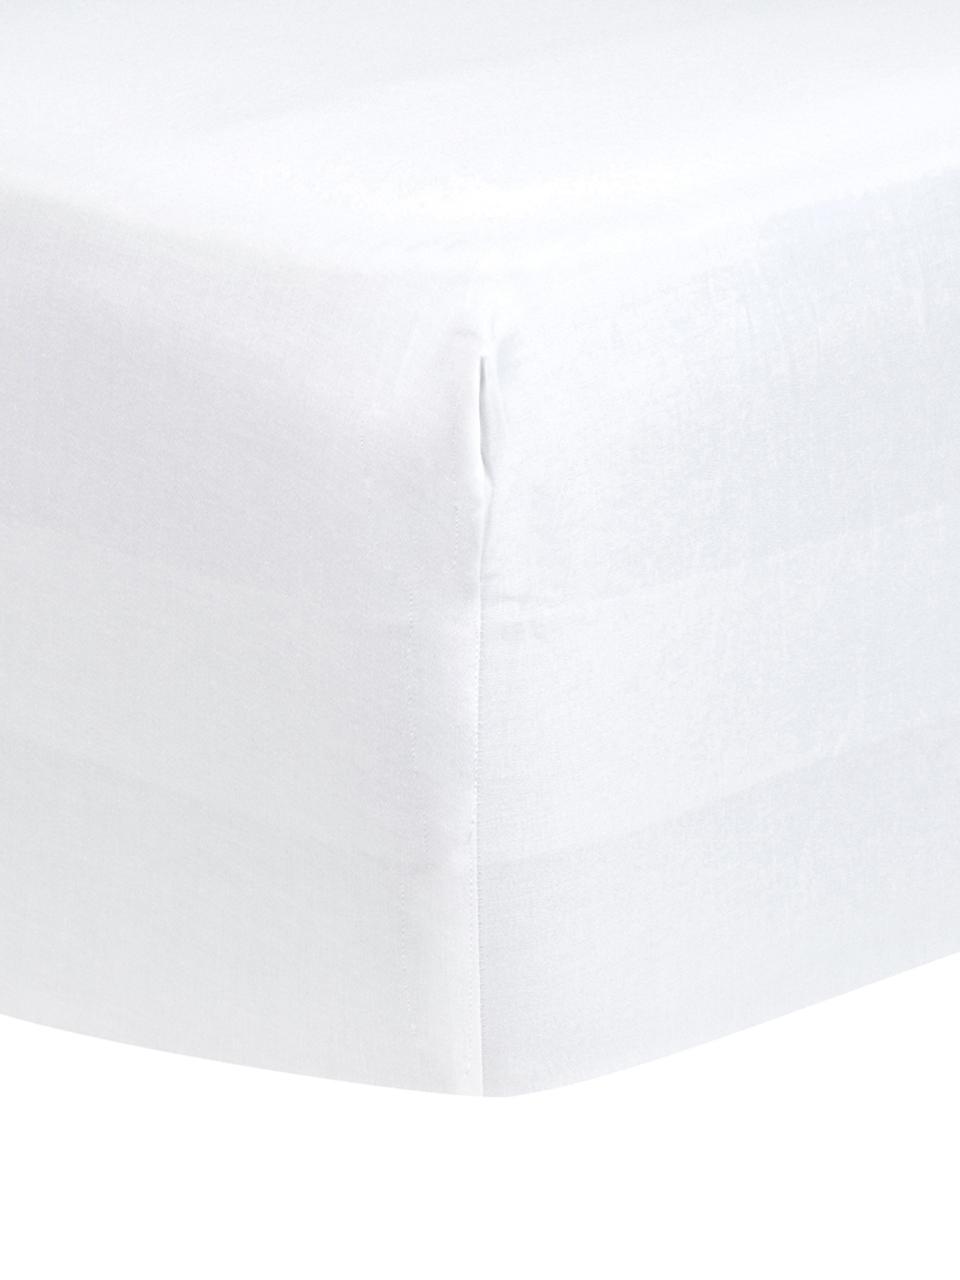 Boxspring-Spannbettlaken Comfort, Baumwollsatin, Webart: Satin, leicht glänzend, Weiß, 200 x 200 cm